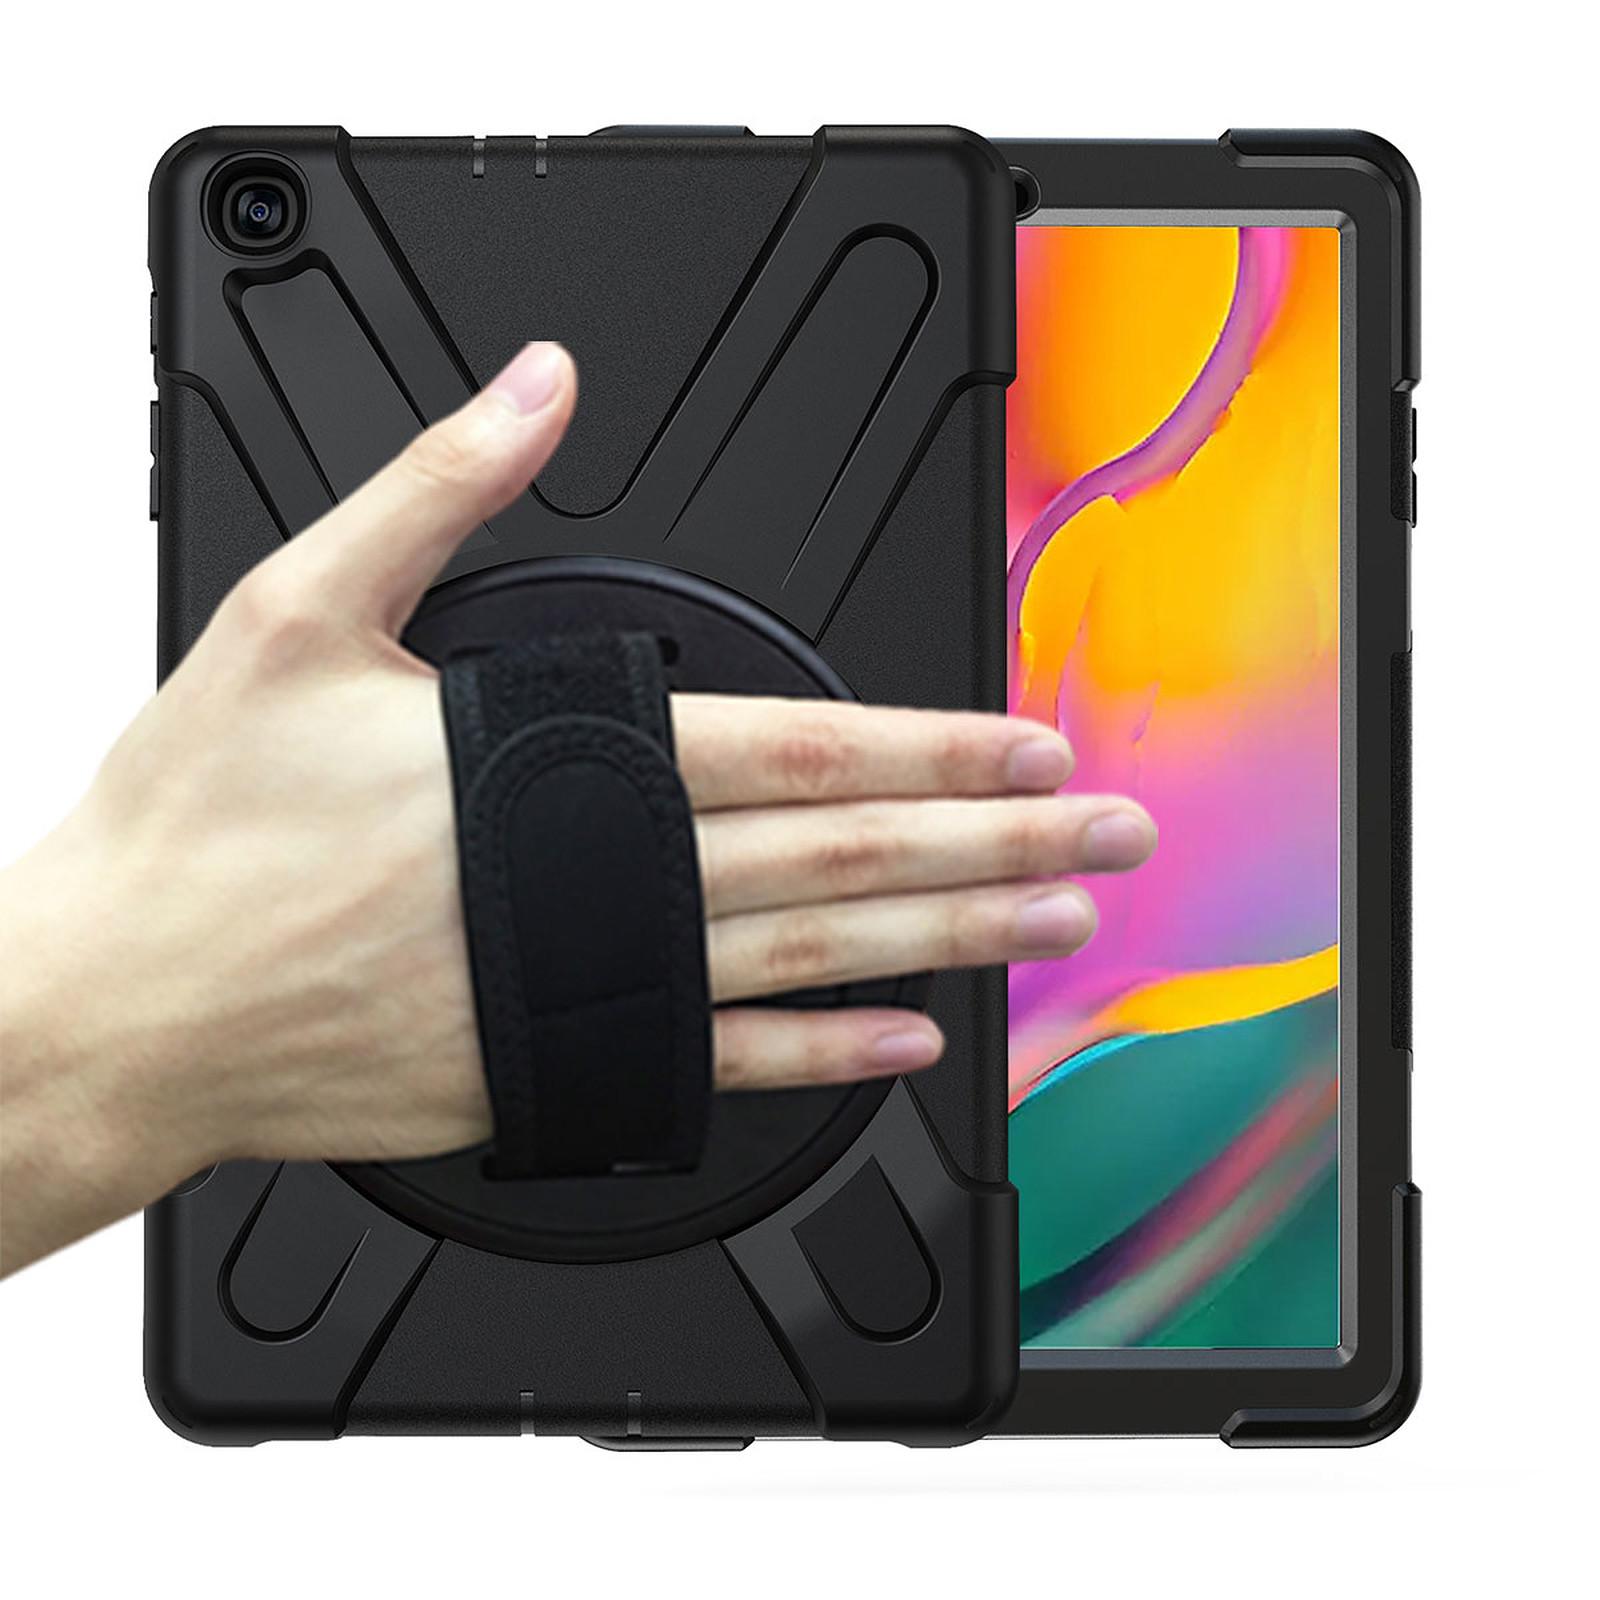 óleo cru tela Garoto pochette protection tablette samsung